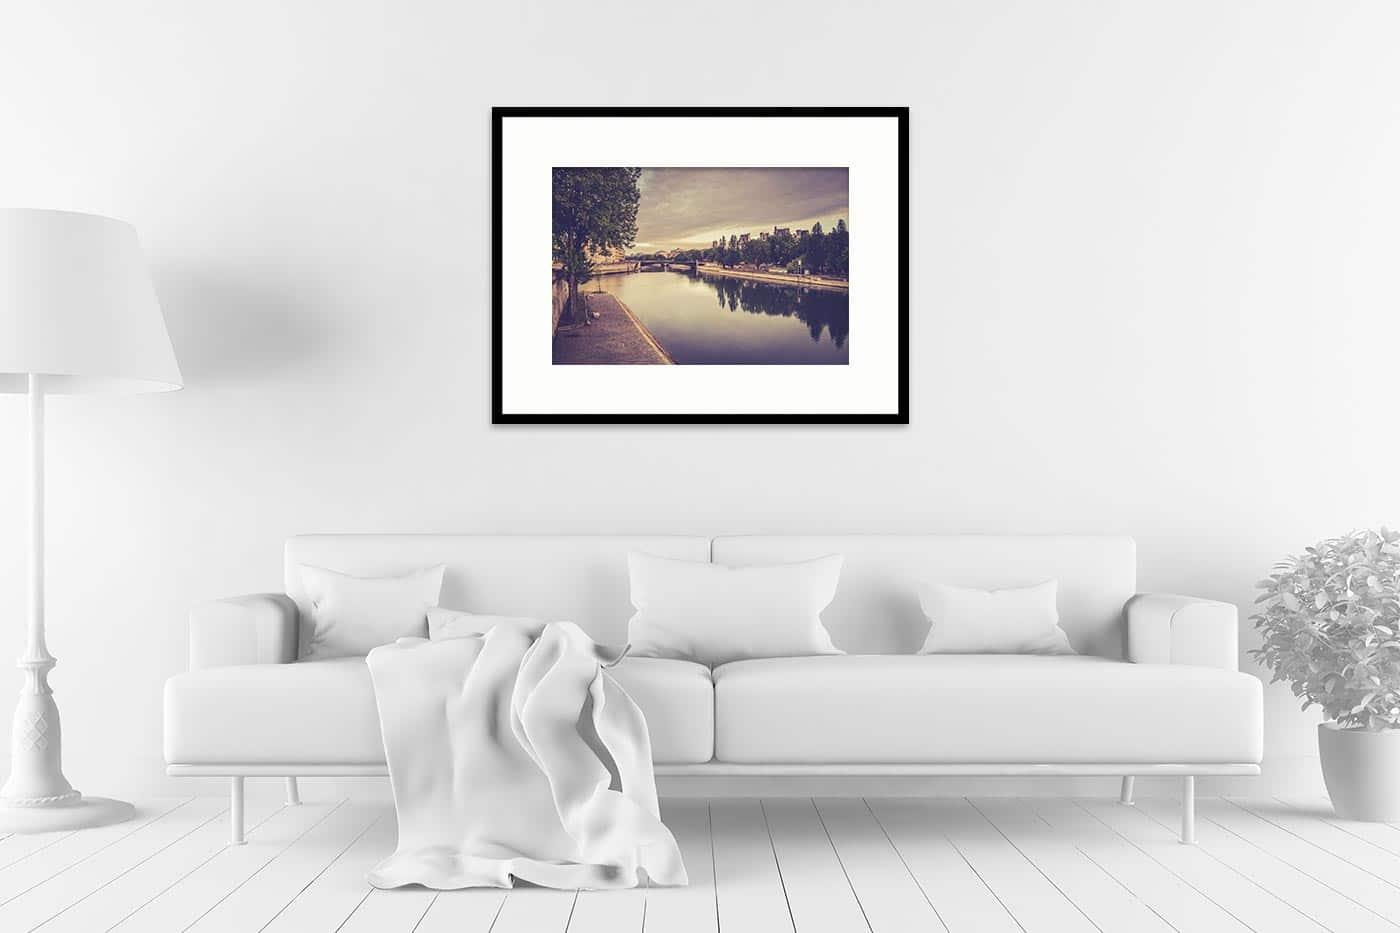 Cadre galerie 60x80 Paris 7H10